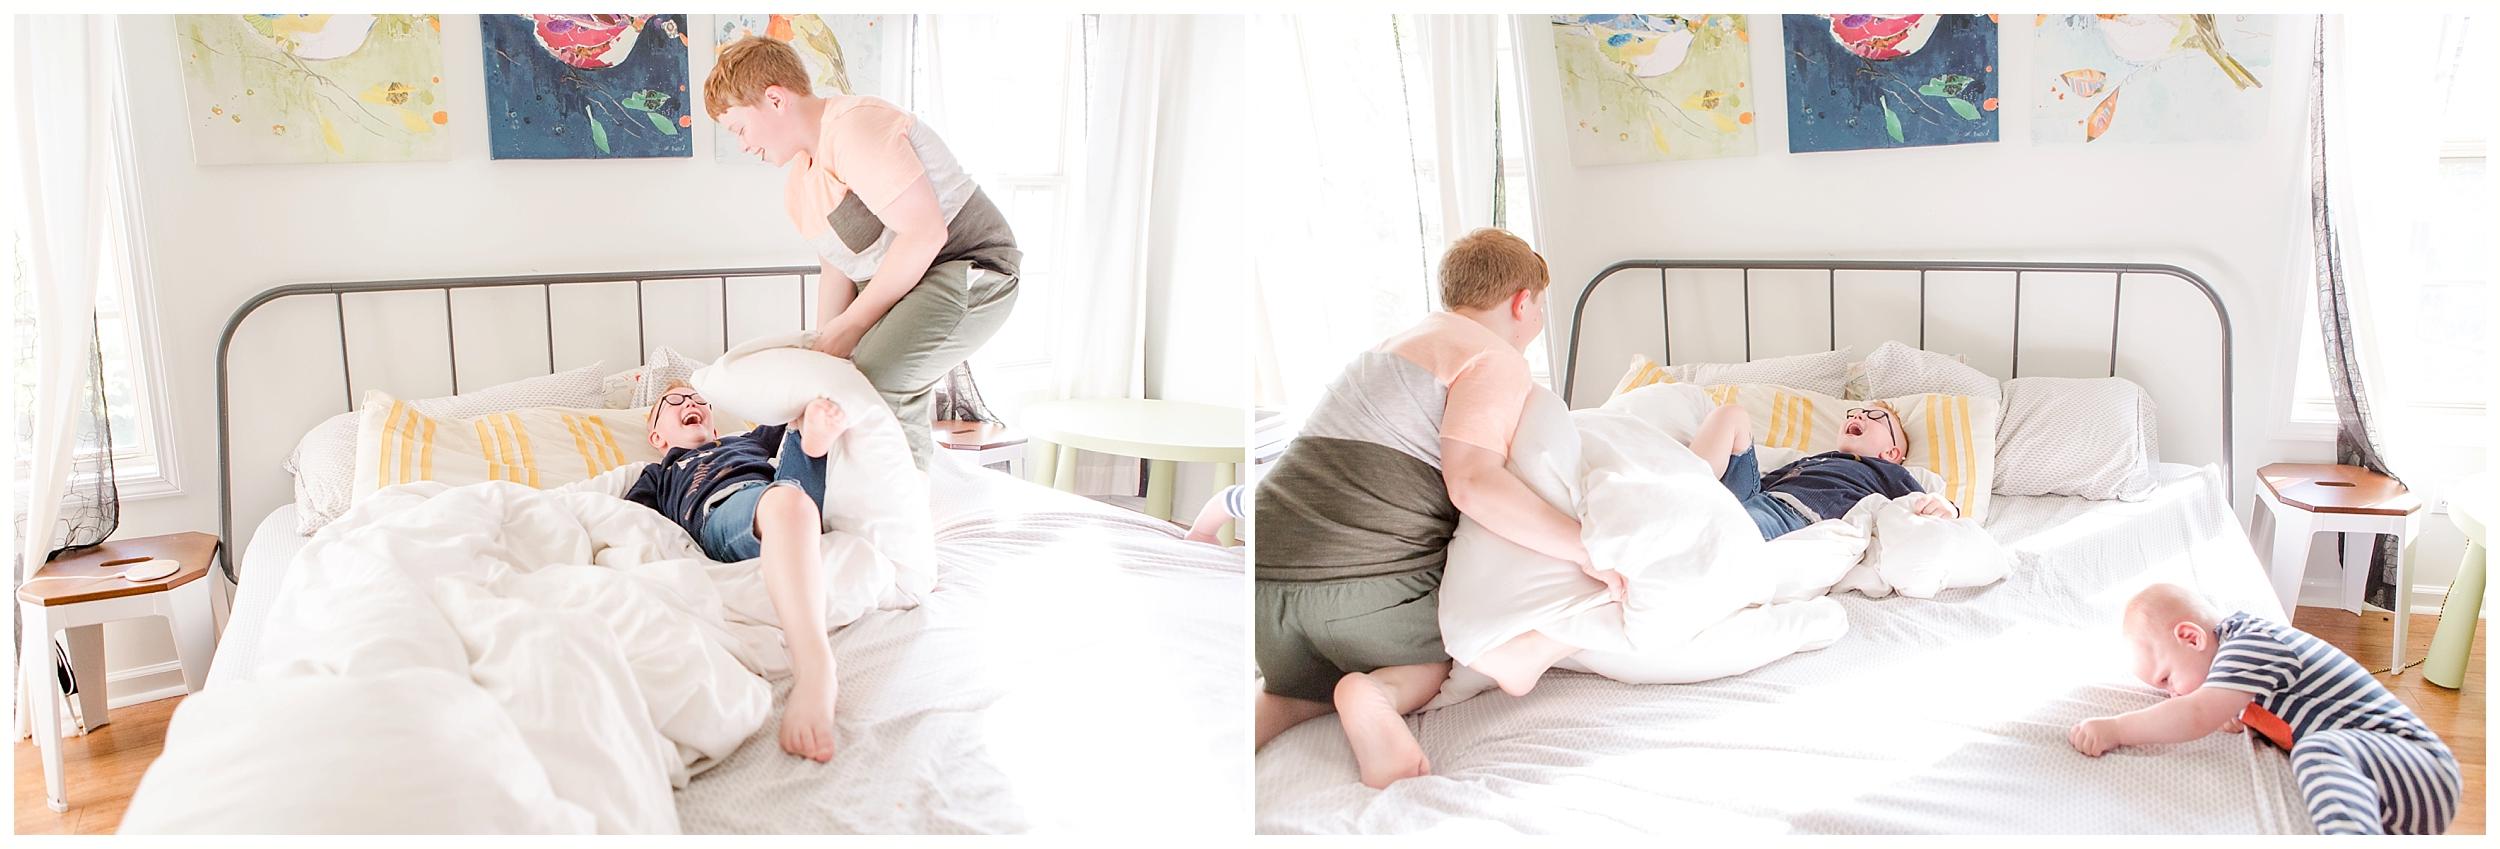 lexington-ky-family-lifestyle-photos-by-priscilla-baierlein_0125.jpg